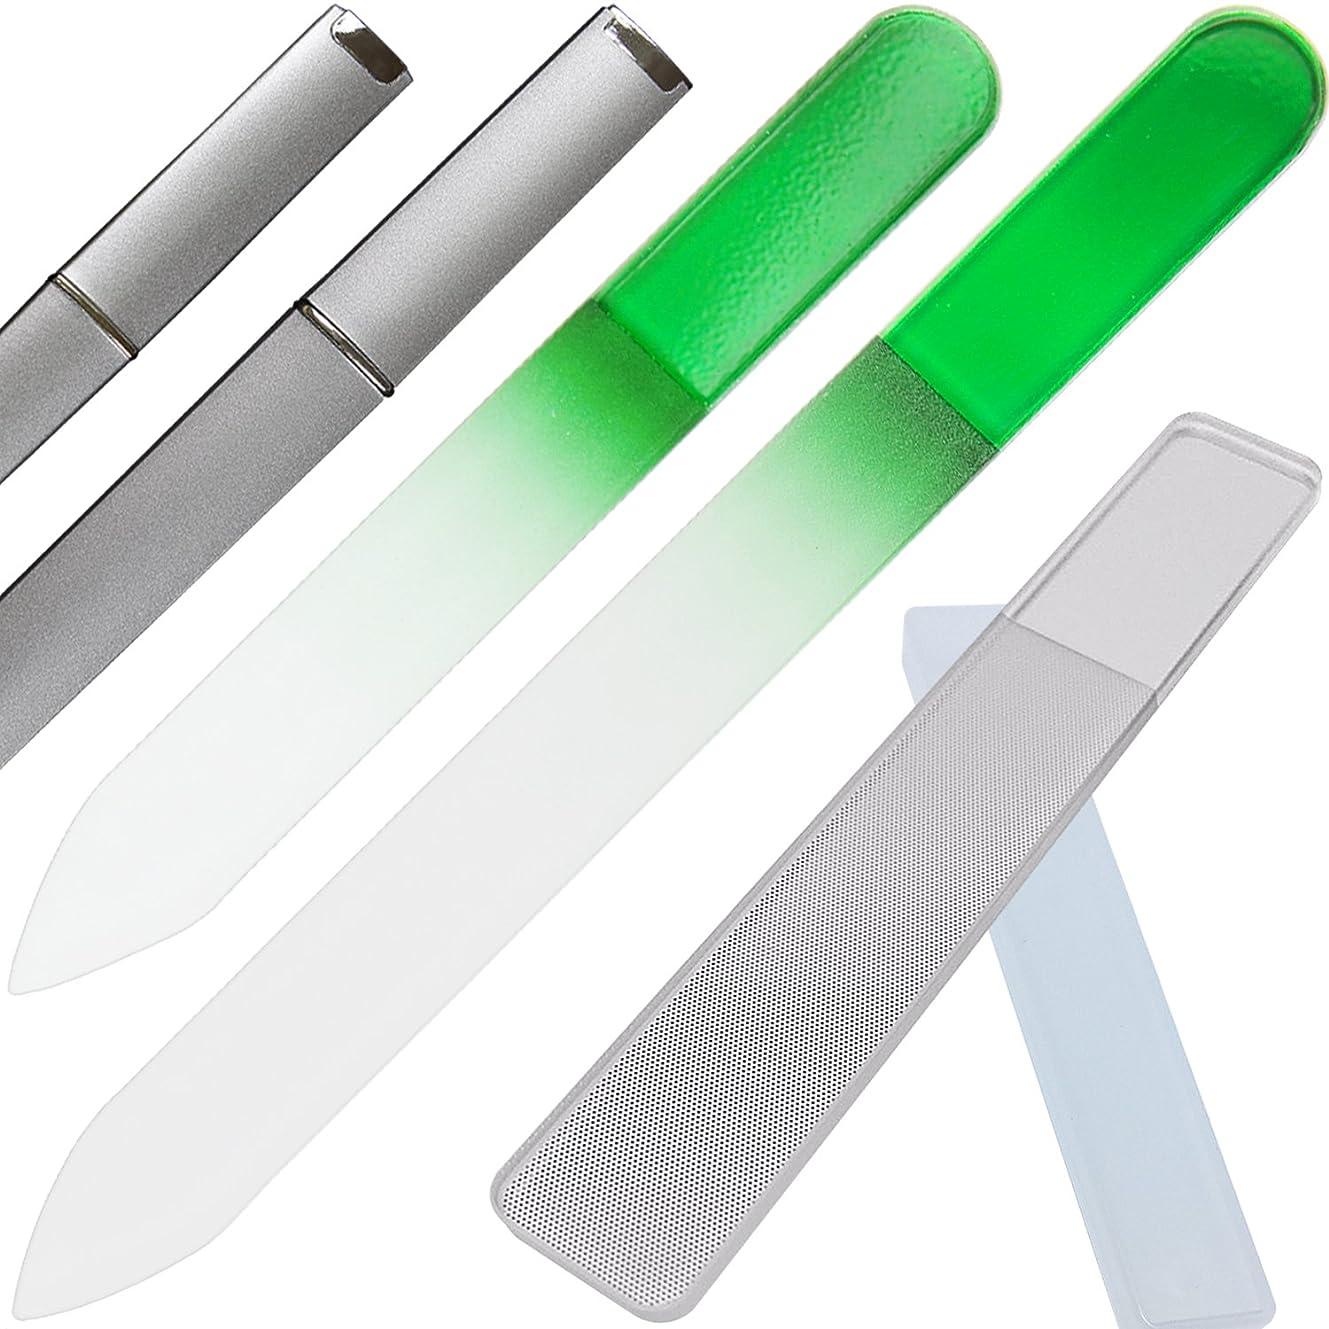 指導するピンチほとんどないClarente 爪やすり 爪磨き ガラス製 専用 ケース付 4点セット ネイル ケア